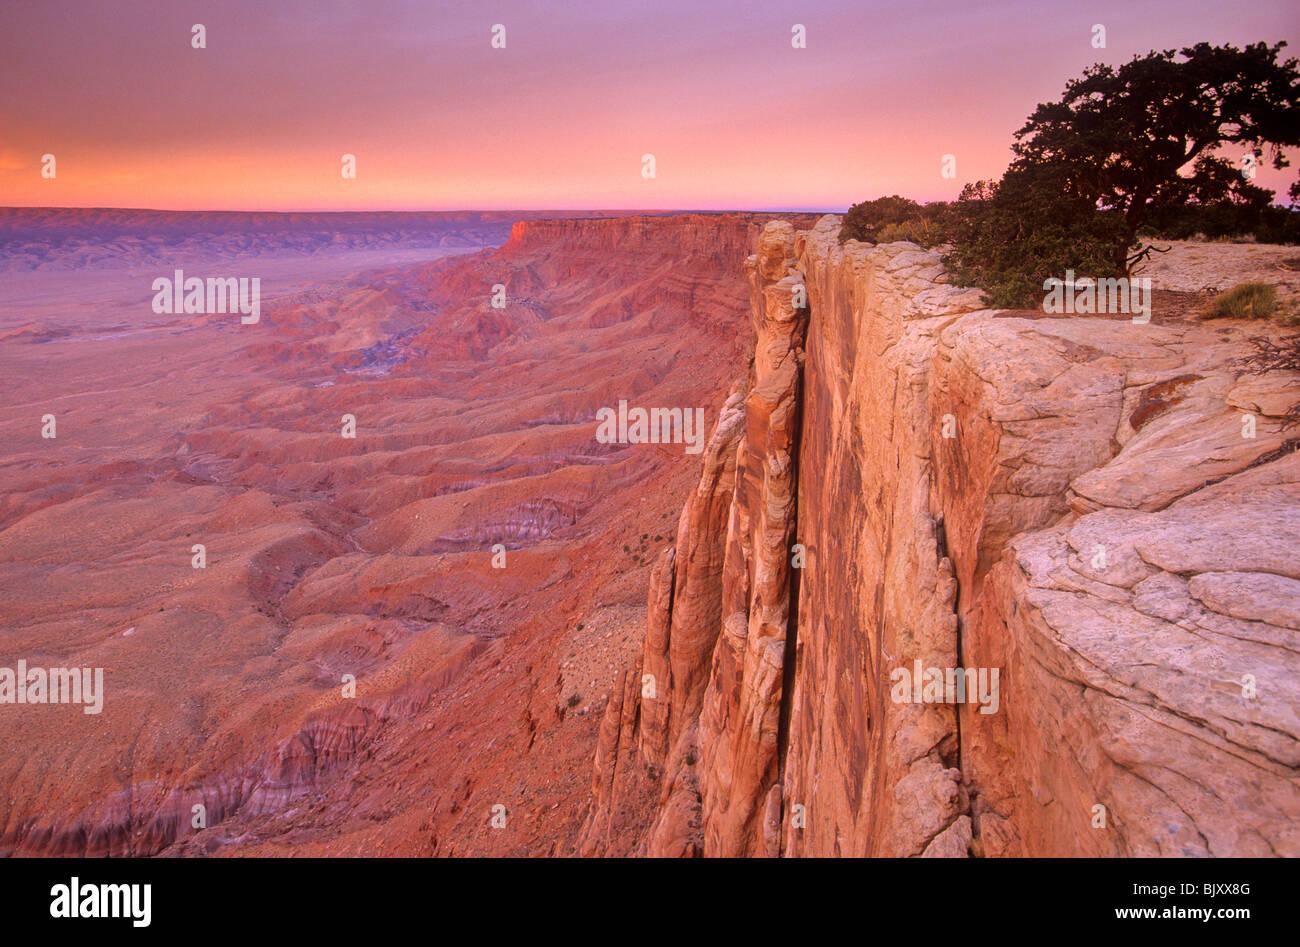 Rim of Vermilion Cliffs at sunrise on Paria Plateau, Vermilion Cliffs National Monument, west of Lee's Ferry, - Stock Image